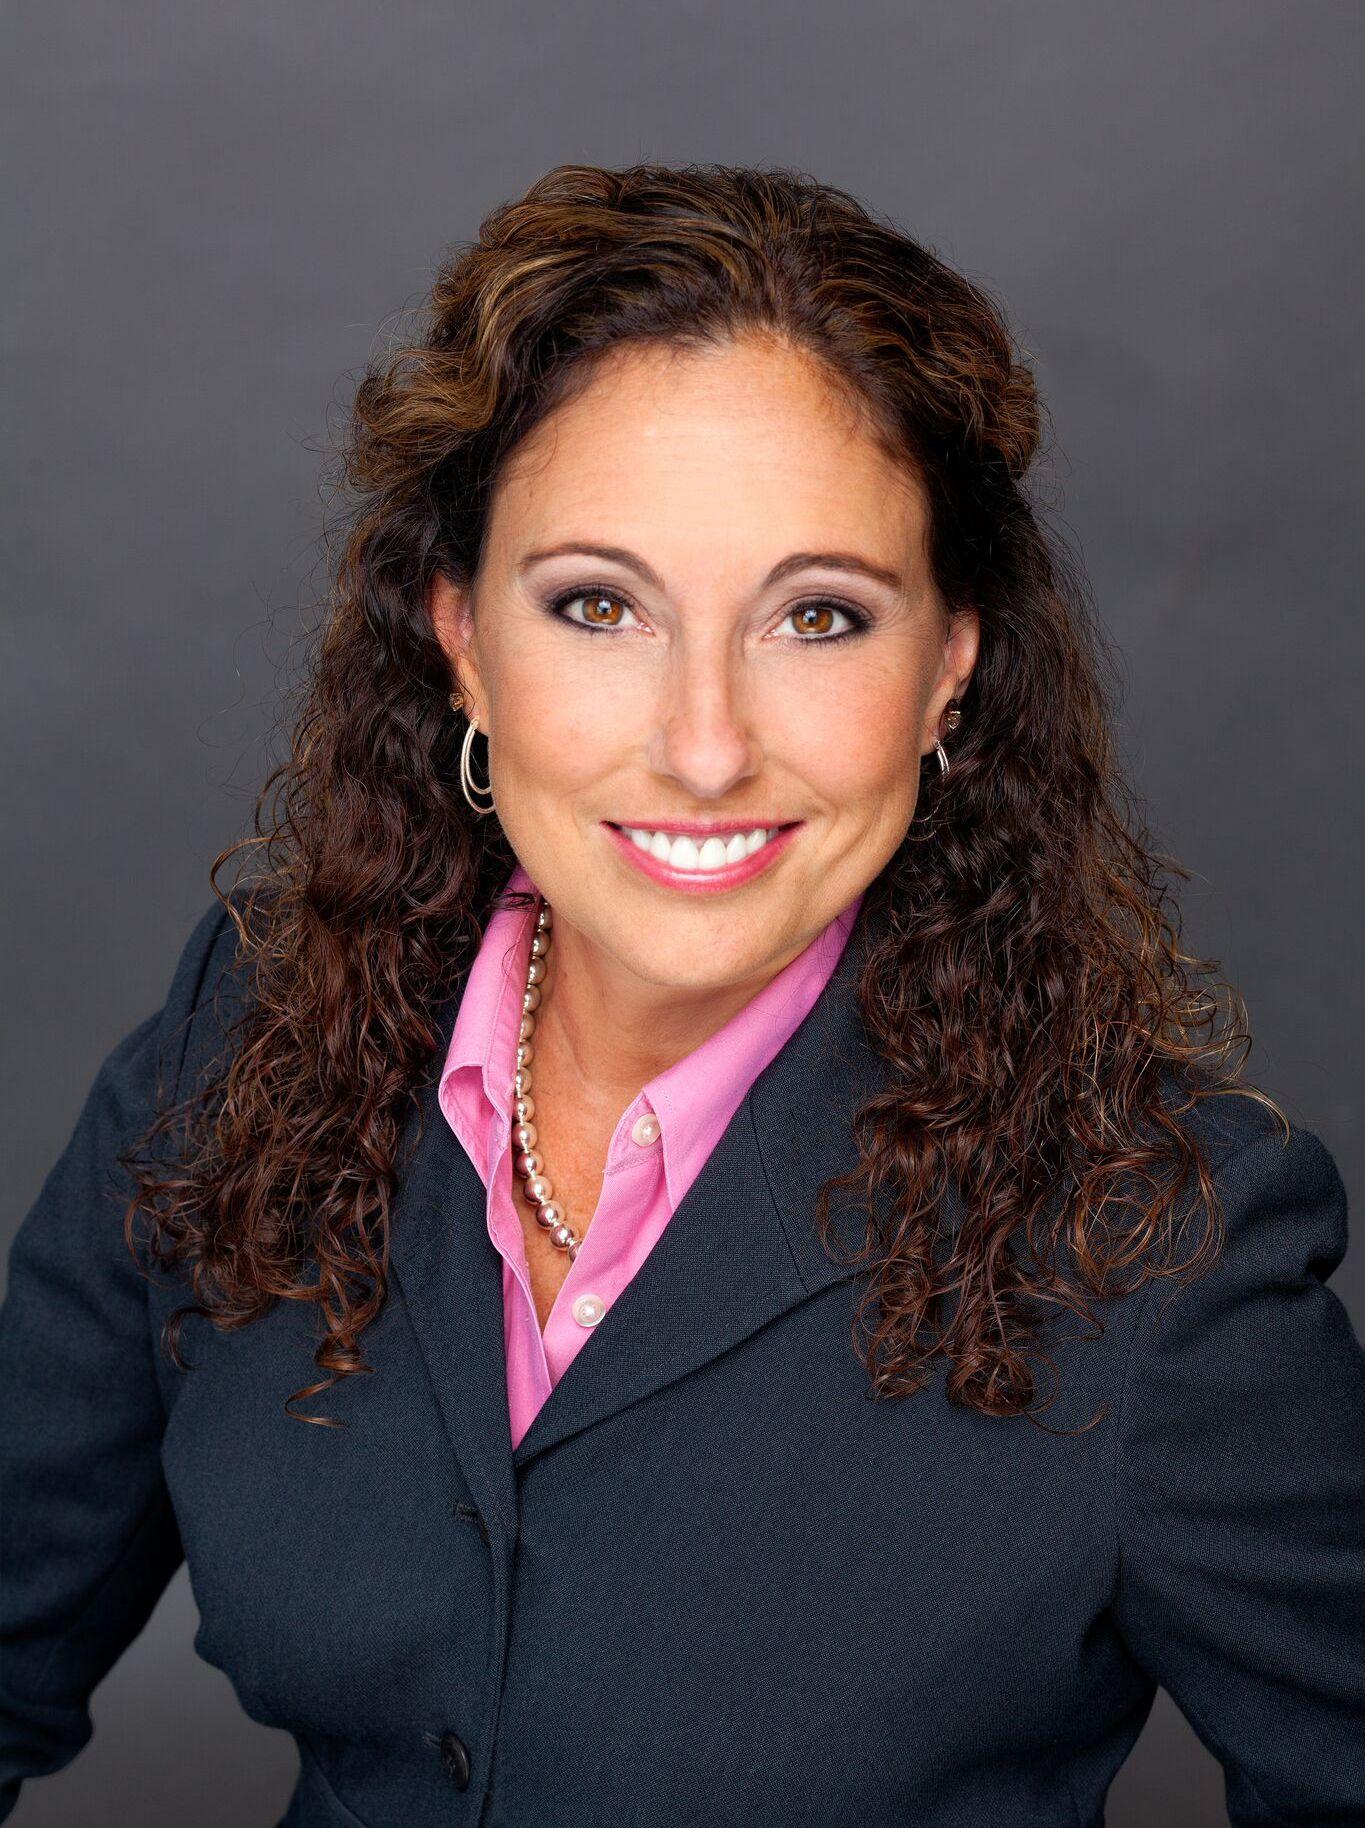 Pam Heminger